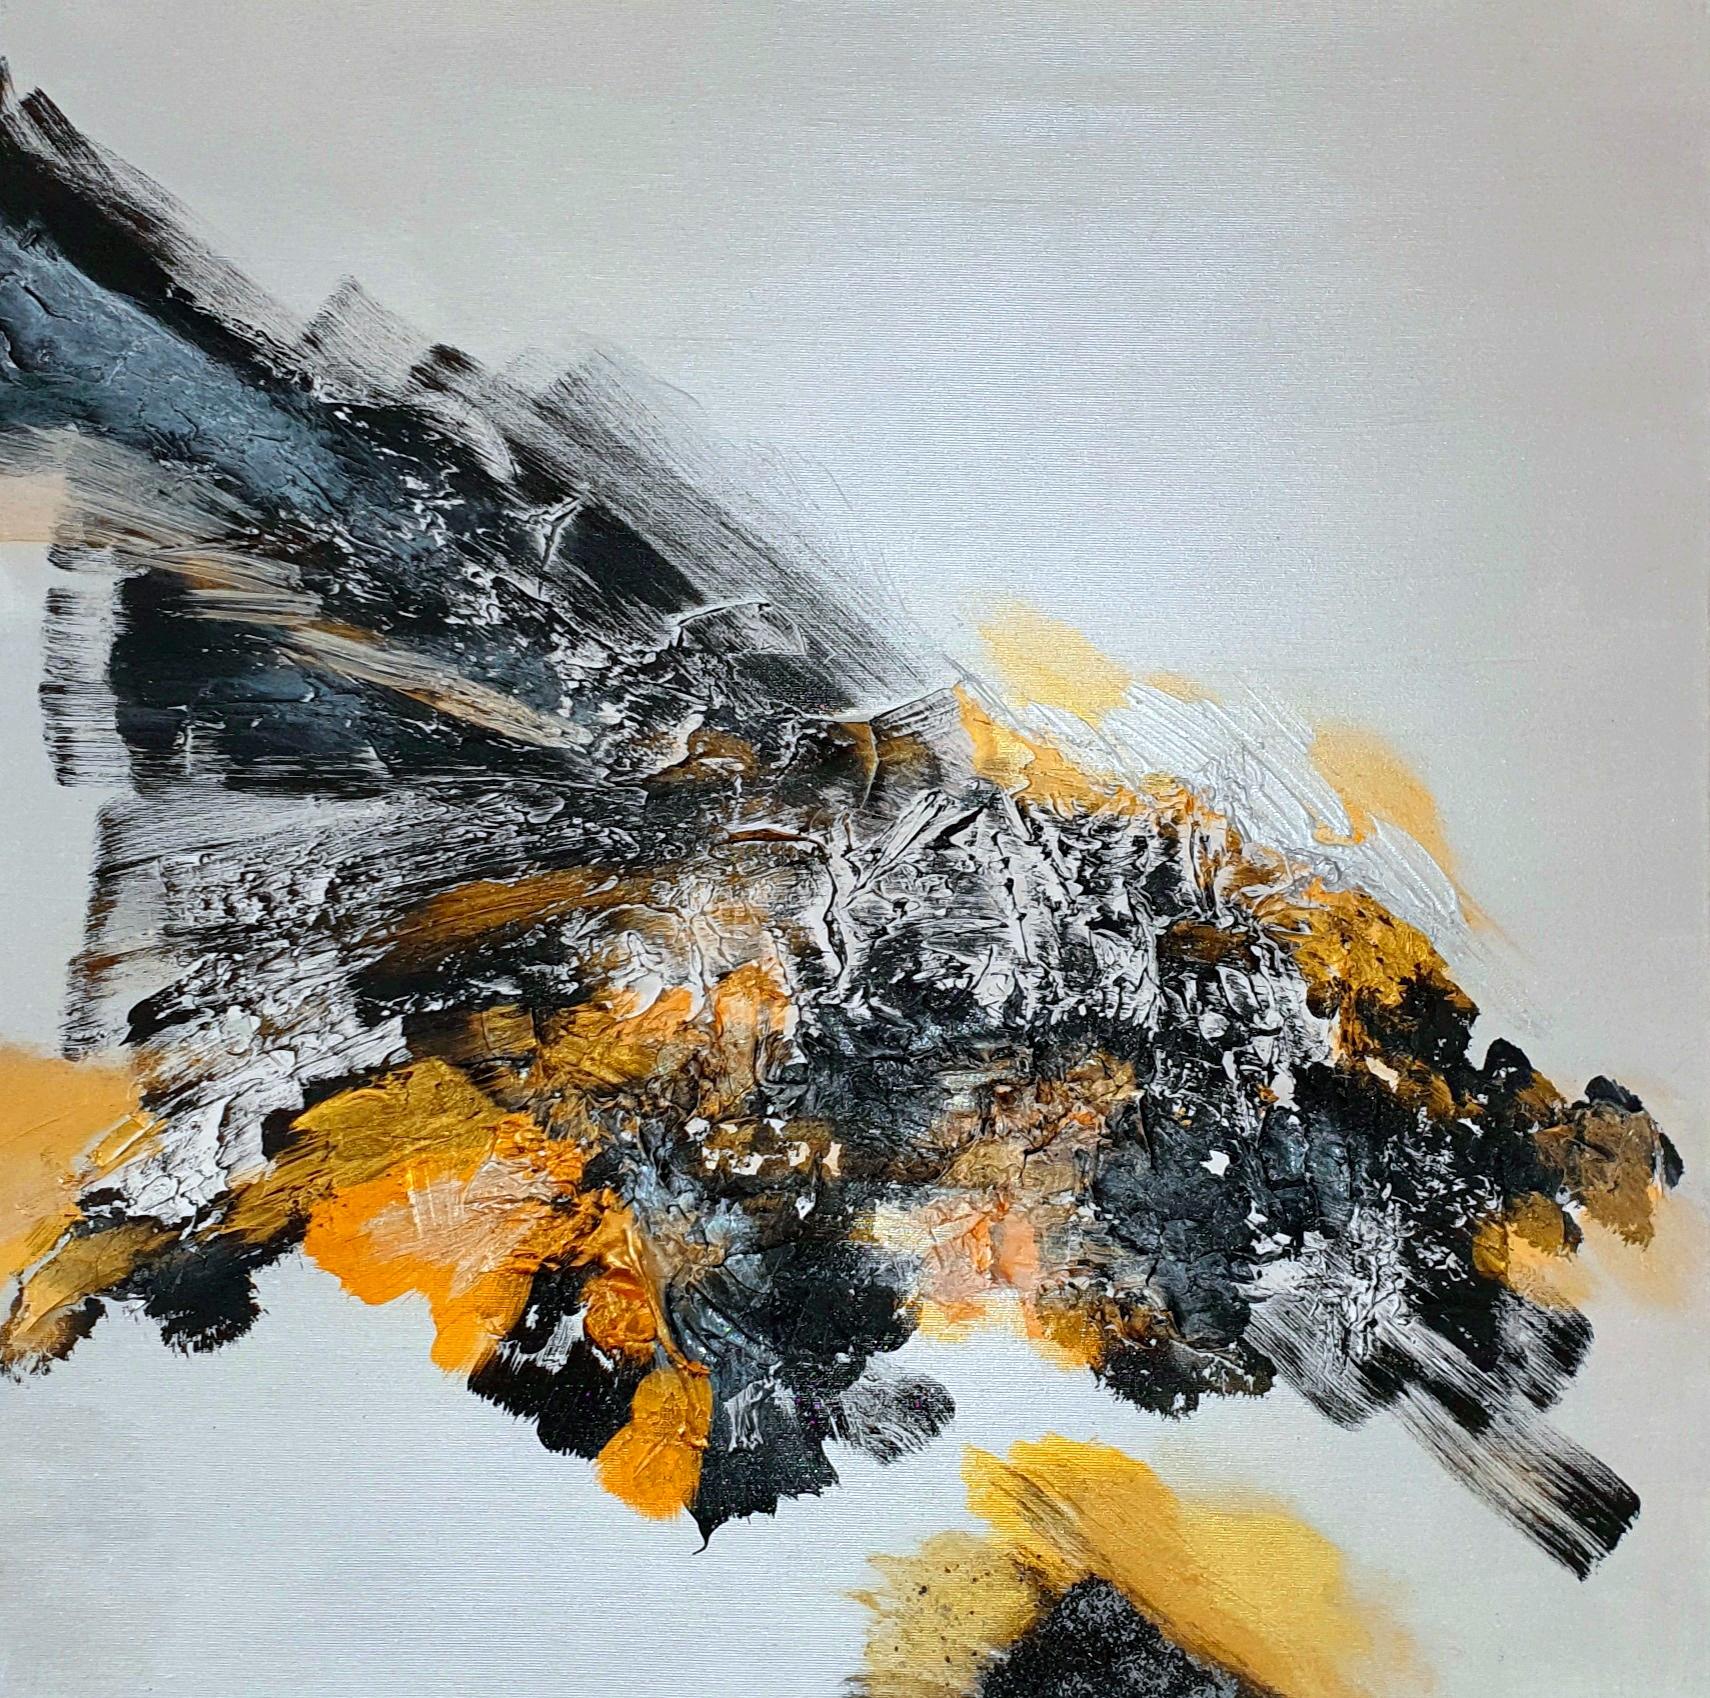 """Obraz akryl 70cm x 70cm pt. """"Gwiezdny pył"""" (2020)"""